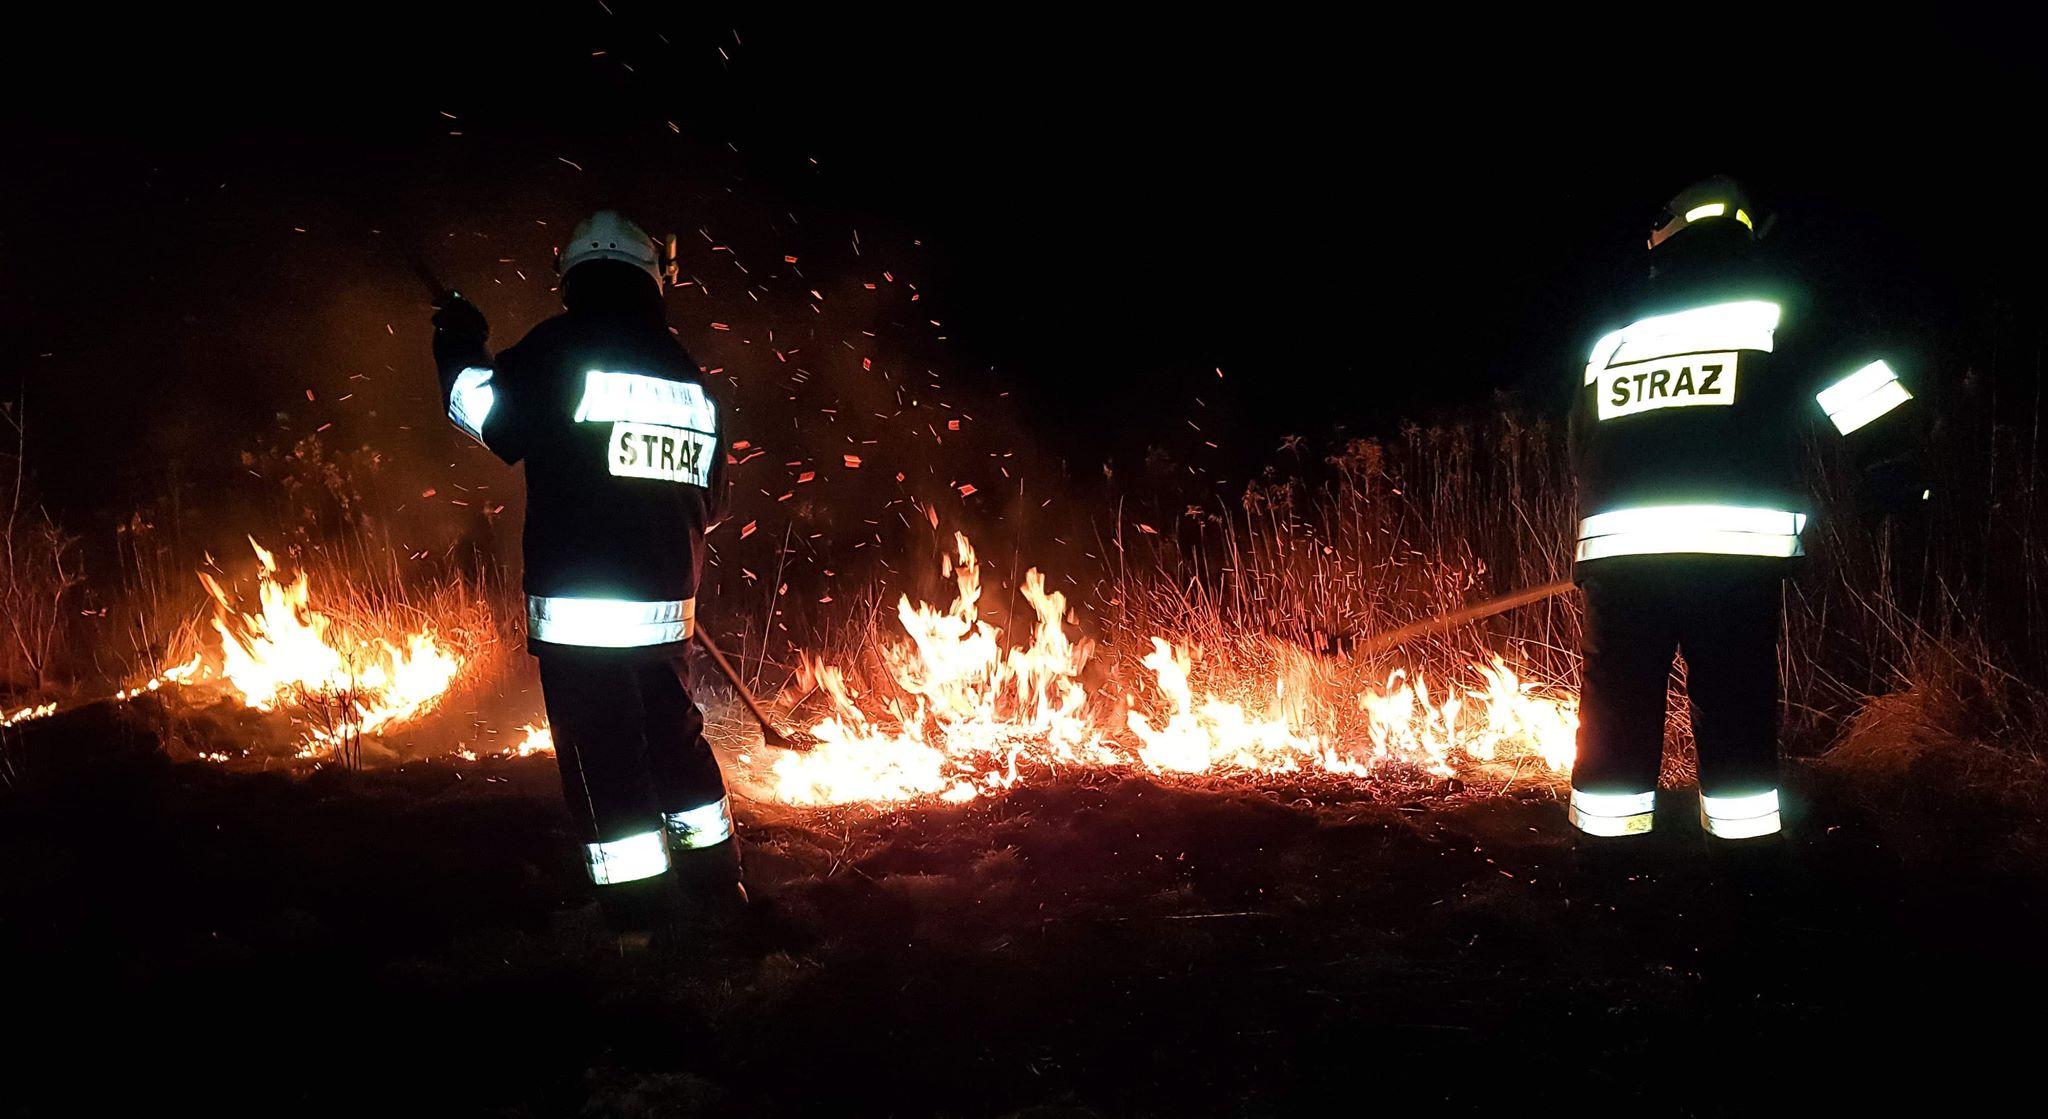 Strażacy gaszą pożar suchej trawy! - Zdjęcie główne